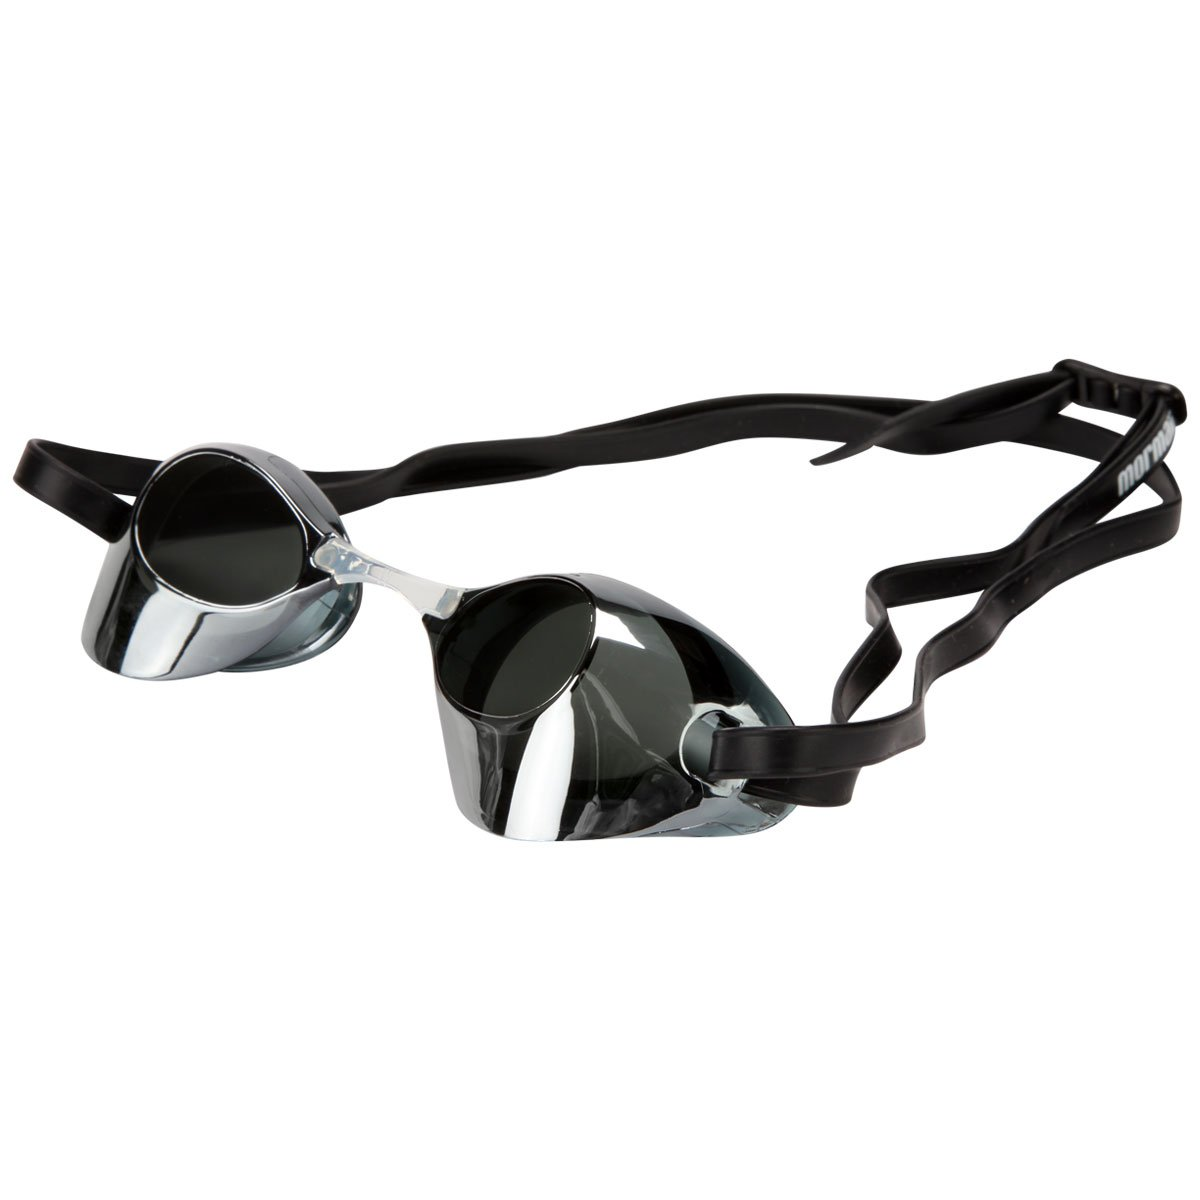 166f5b6b22ba6 Óculos Mormaii LD200 - Preto - Compre Agora